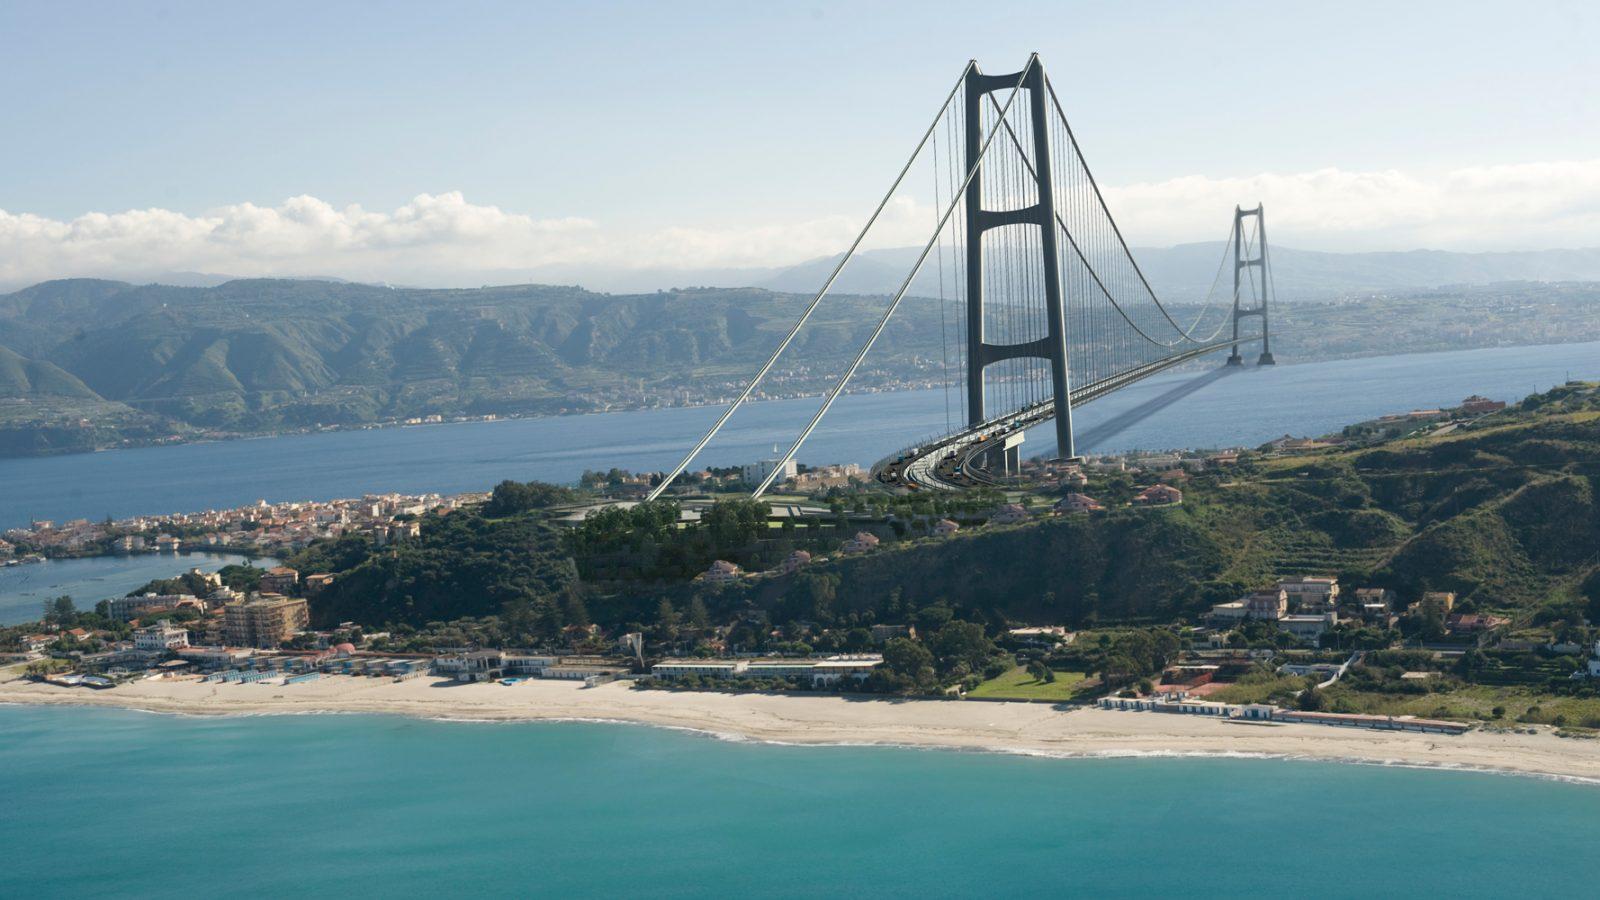 Ponte sullo Stretto di Messina – render del progetto definitivo Eurolink, blocchi d'ancoraggio, Sicilia (Società Stretto di Messina)